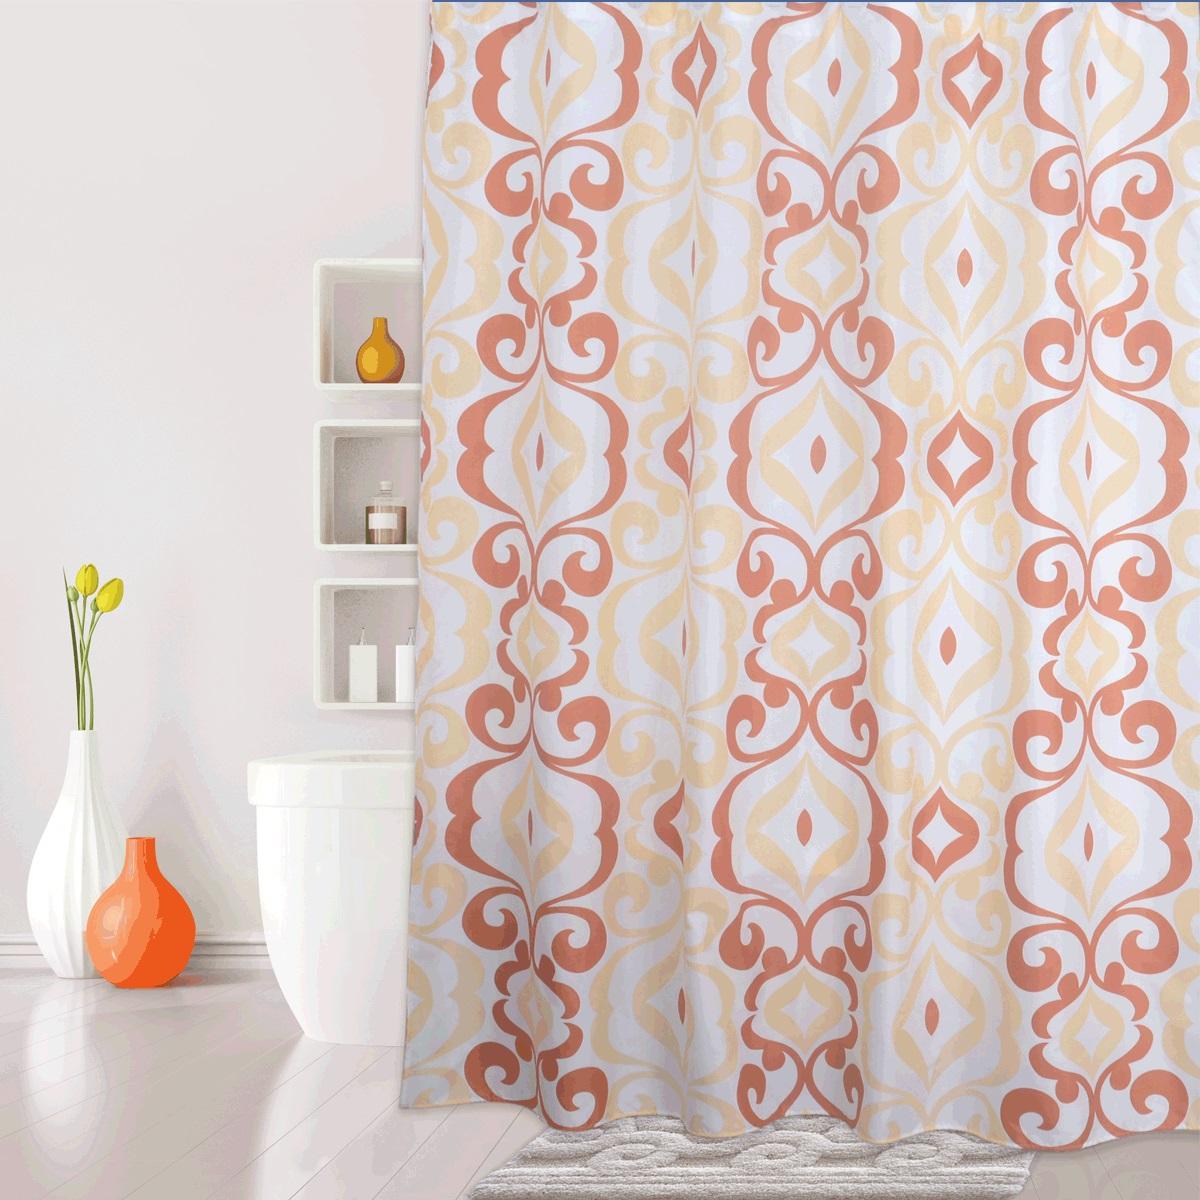 Штора для ванной Iddis Hermitage, цвет: оранжевый, розовый, 180 x 200 см590P18Ri11Материал: текстиль, 100% полиэстер, водоотталкивающая пропитка, 12 встроенных колец для крепления к карнизу, плотность 100 г/м, утяжеляющая нить, упаковка ПВХ пакет.